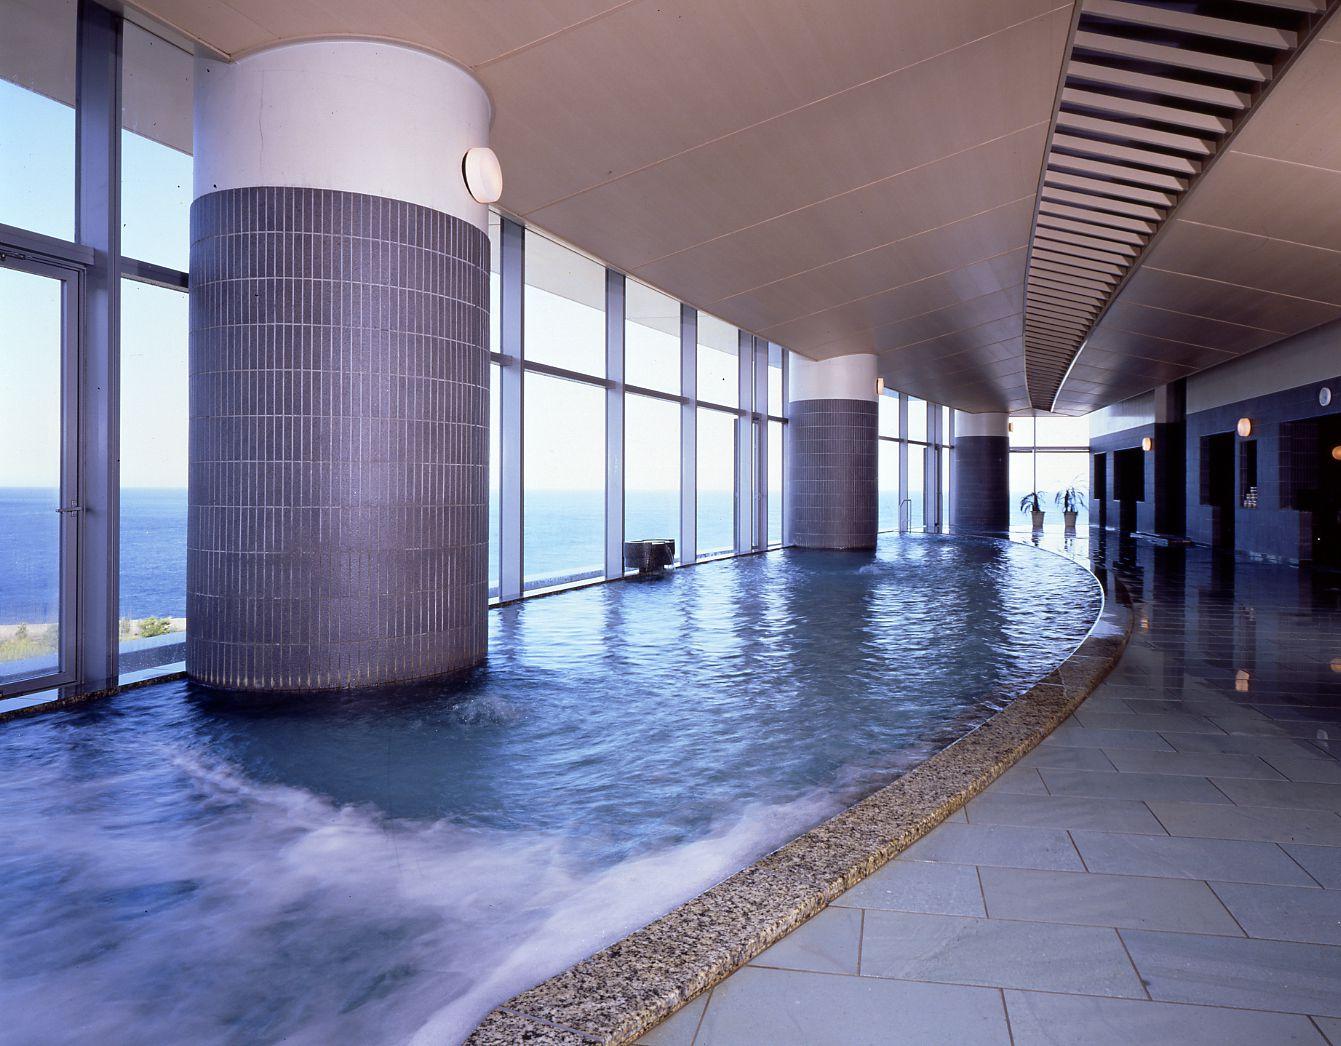 赤ちゃんの誕生日に泊まるべき!熱海後楽園ホテルの温泉と食事が素晴らしい!